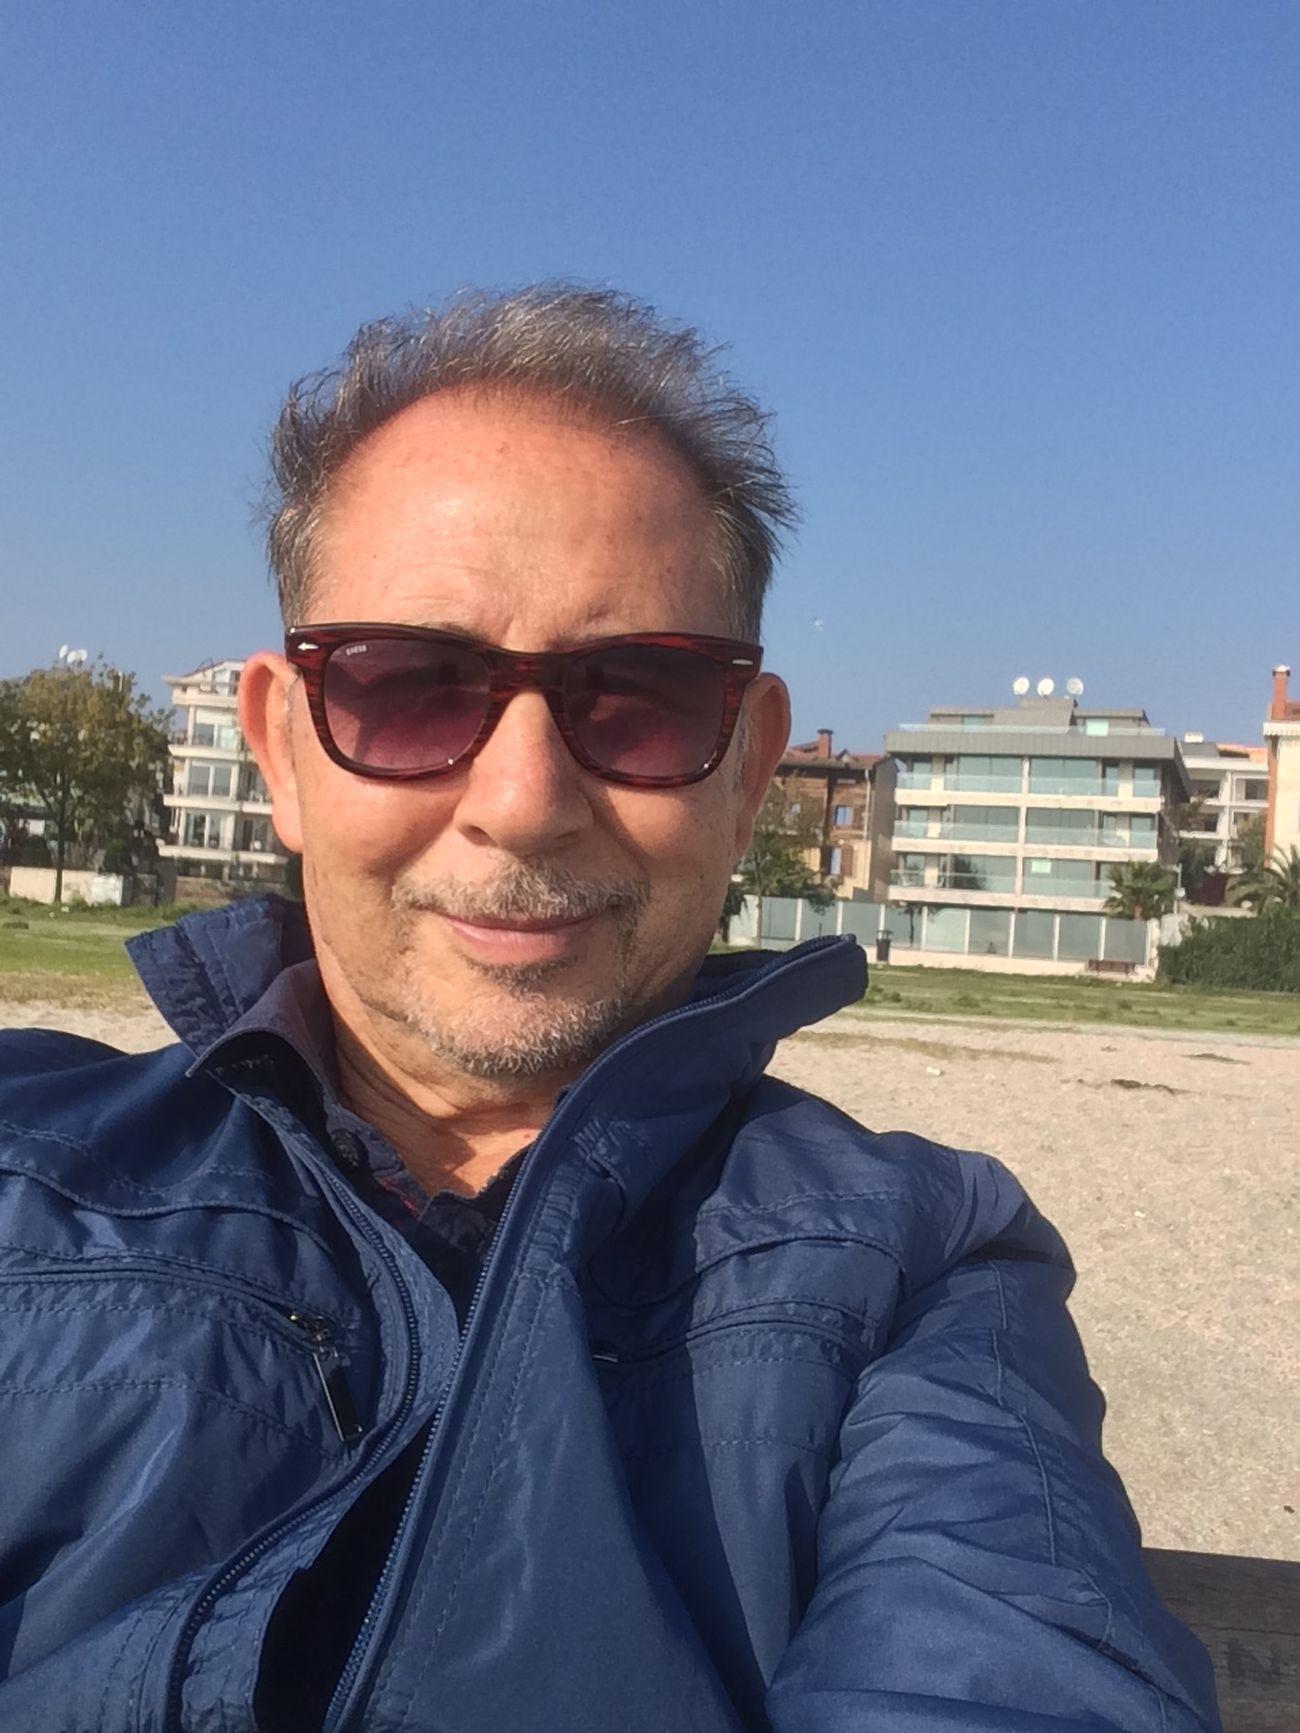 Sonbahar'ın bu güzel gününde, Yeşilköy Sahili'nde portrem😍 Selfportrait Portrait Hello World Taking Photos Hi! Enjoying Life People Watching Istanbul Yesilköy